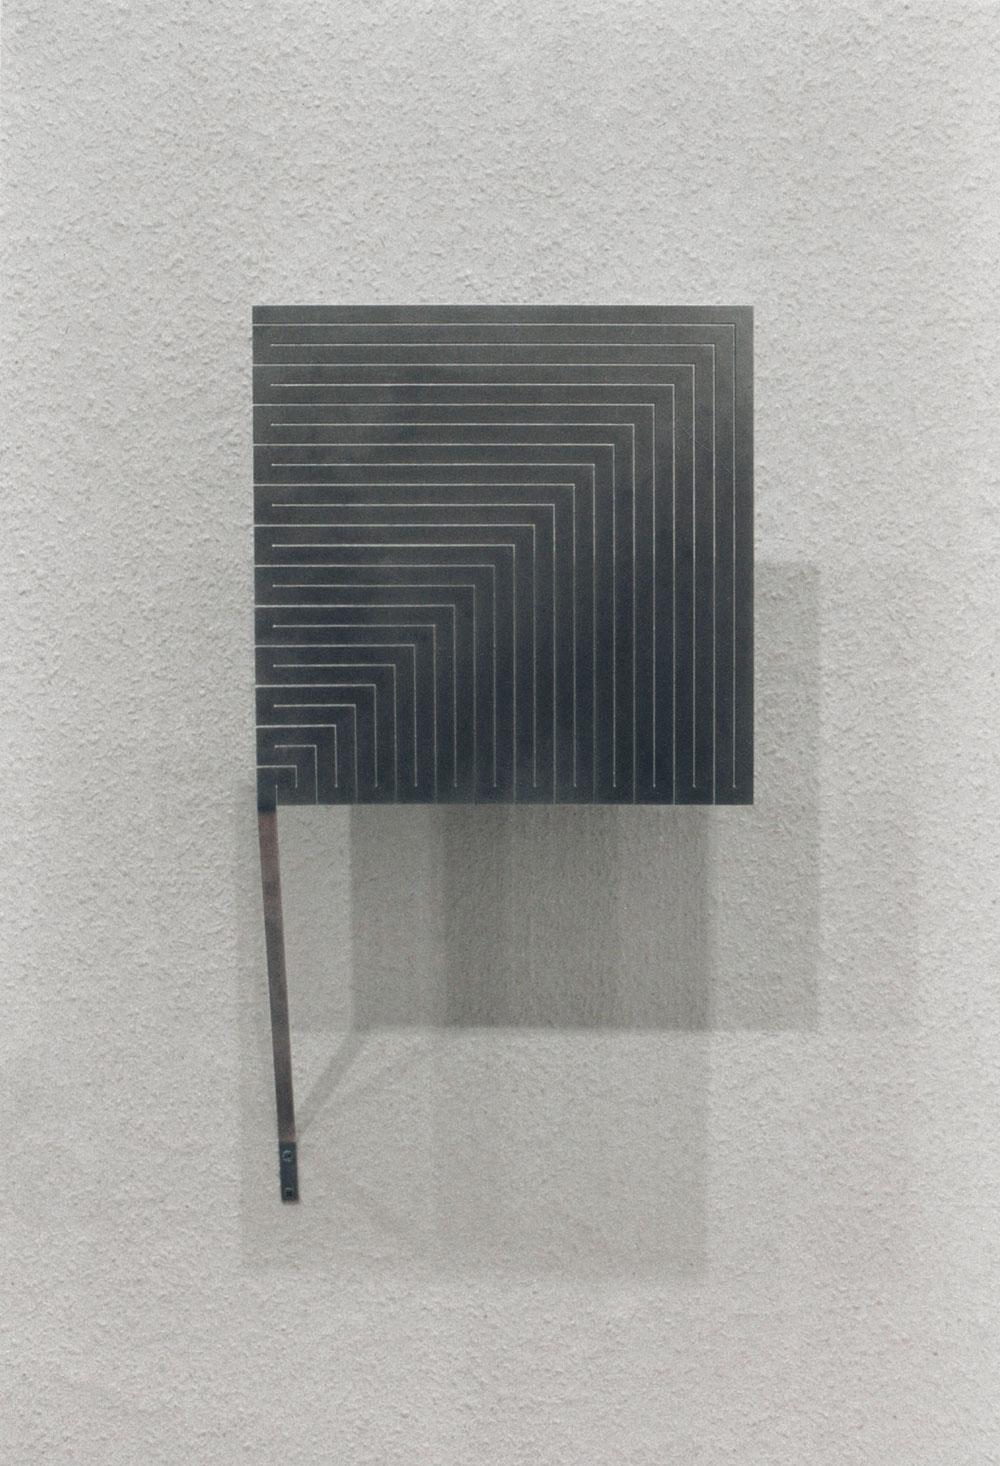 quadratschnitt-uebereck